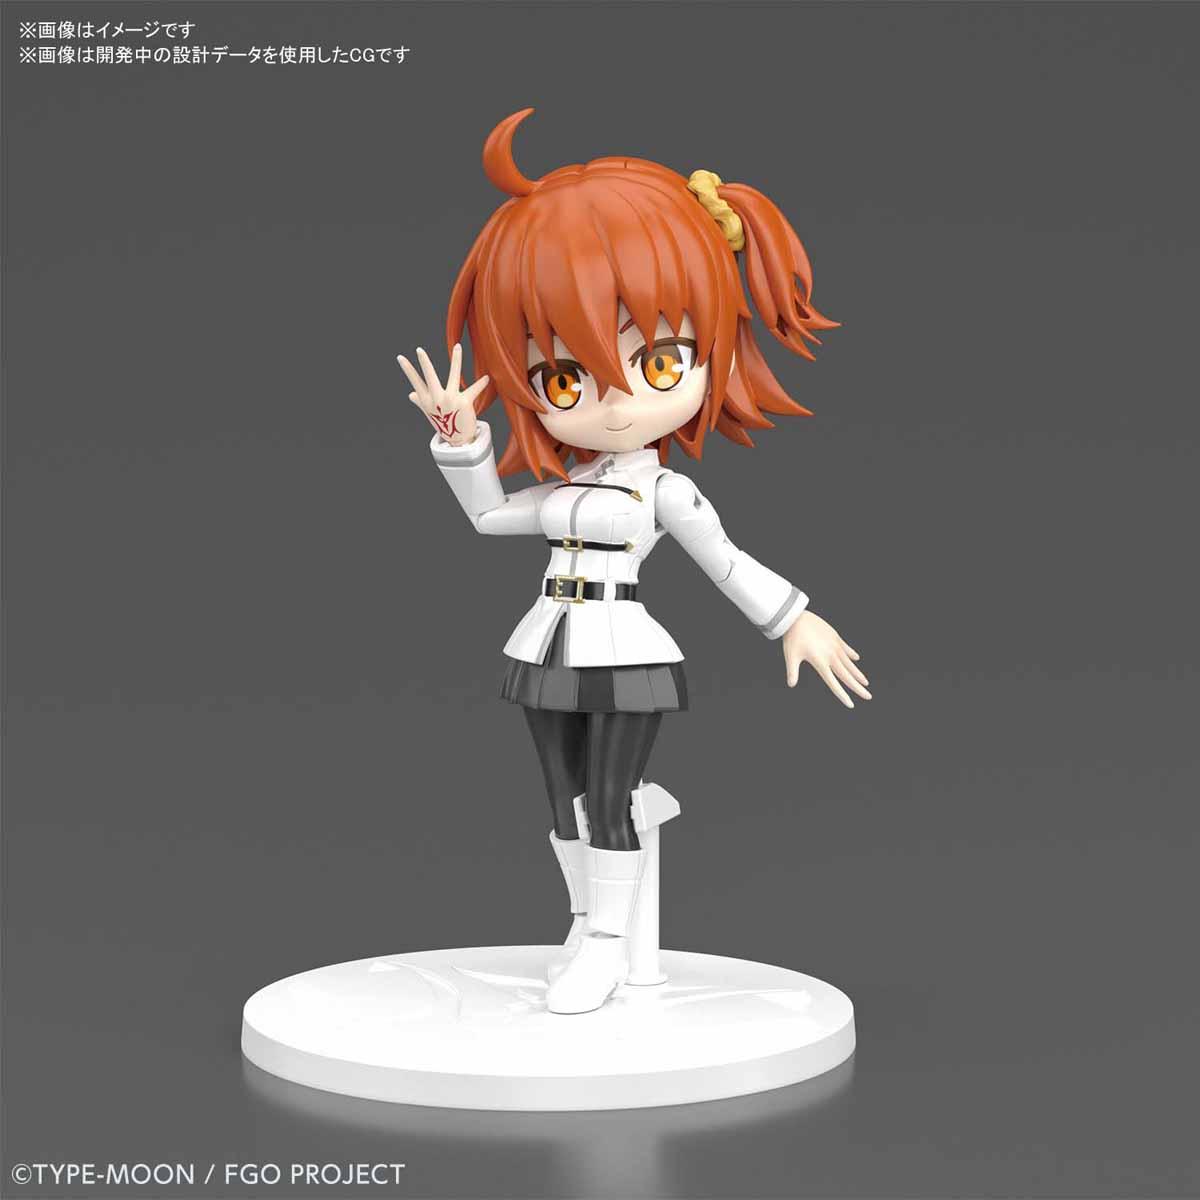 ぷちりっつ『マスター/女主人公』Fate/Grand Order プラモデル-001